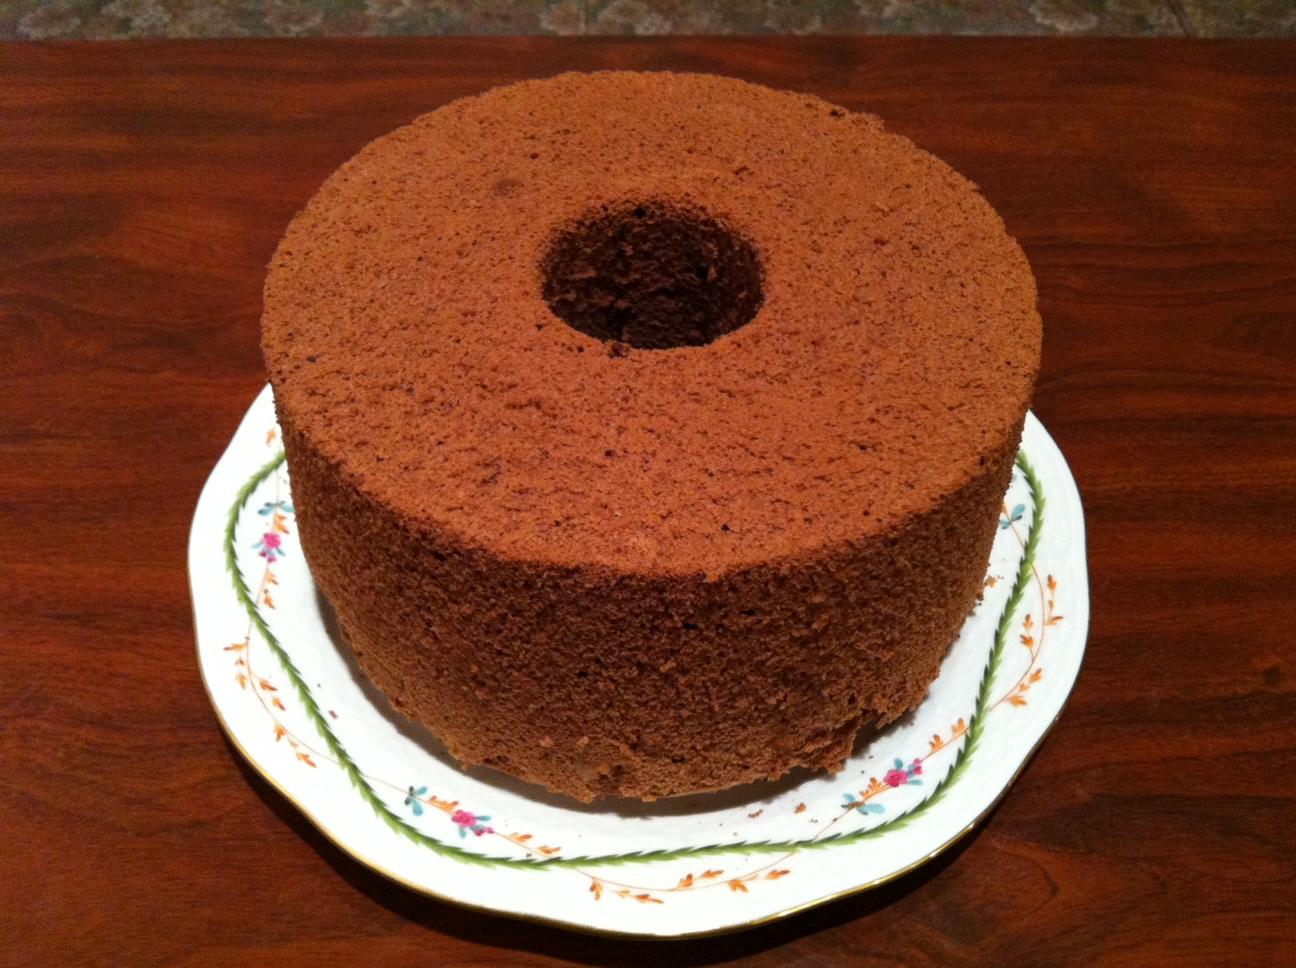 無添加 手作りシフォンケーキ [北海道産てんさい糖使用]【ココア】の画像1枚目